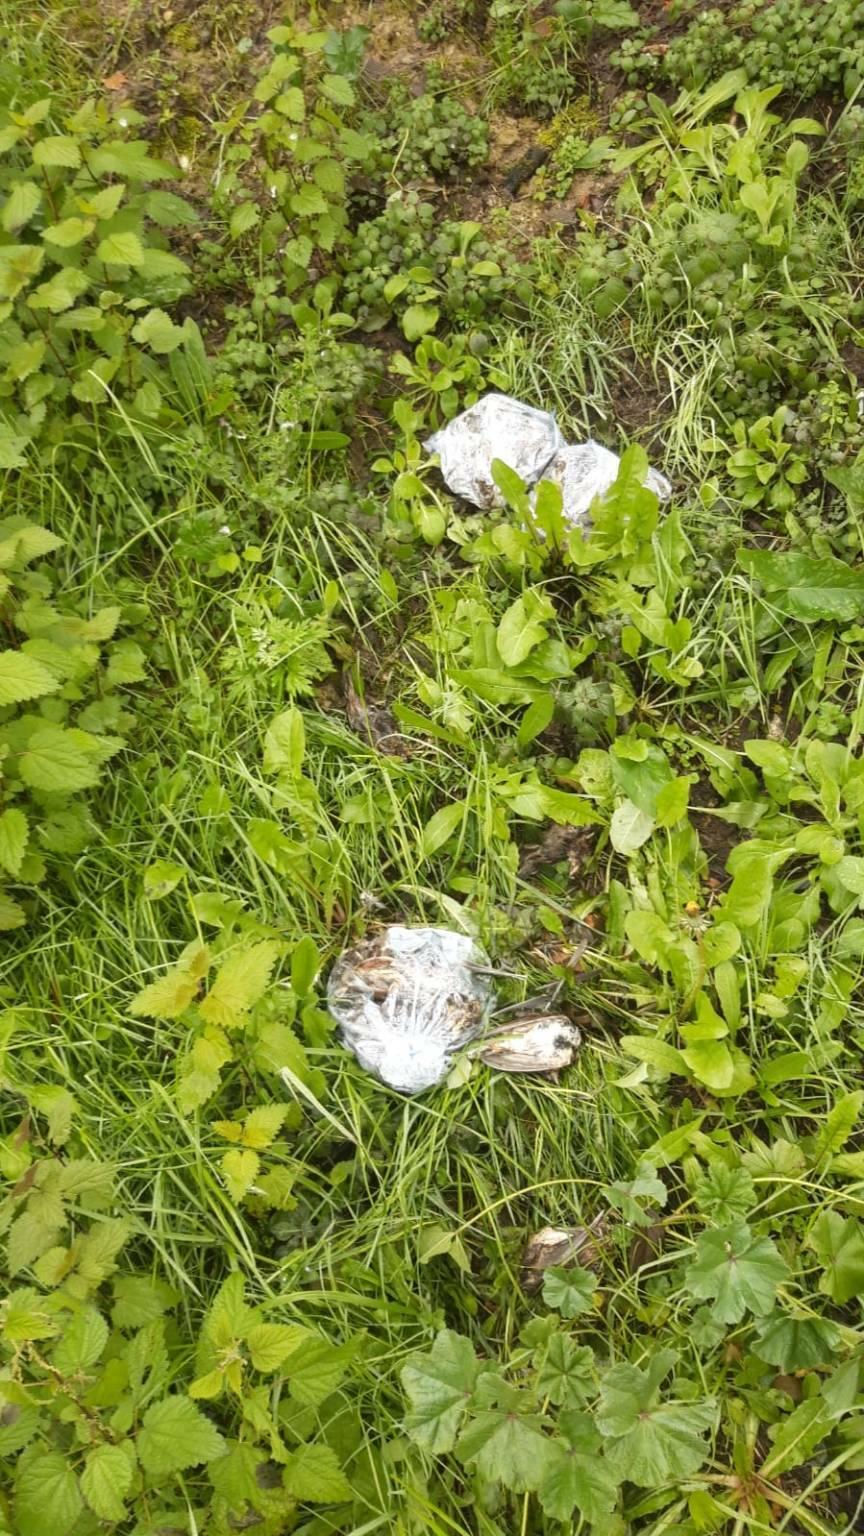 Animali fatti a pezzi e sparsi in strada a Montopoli